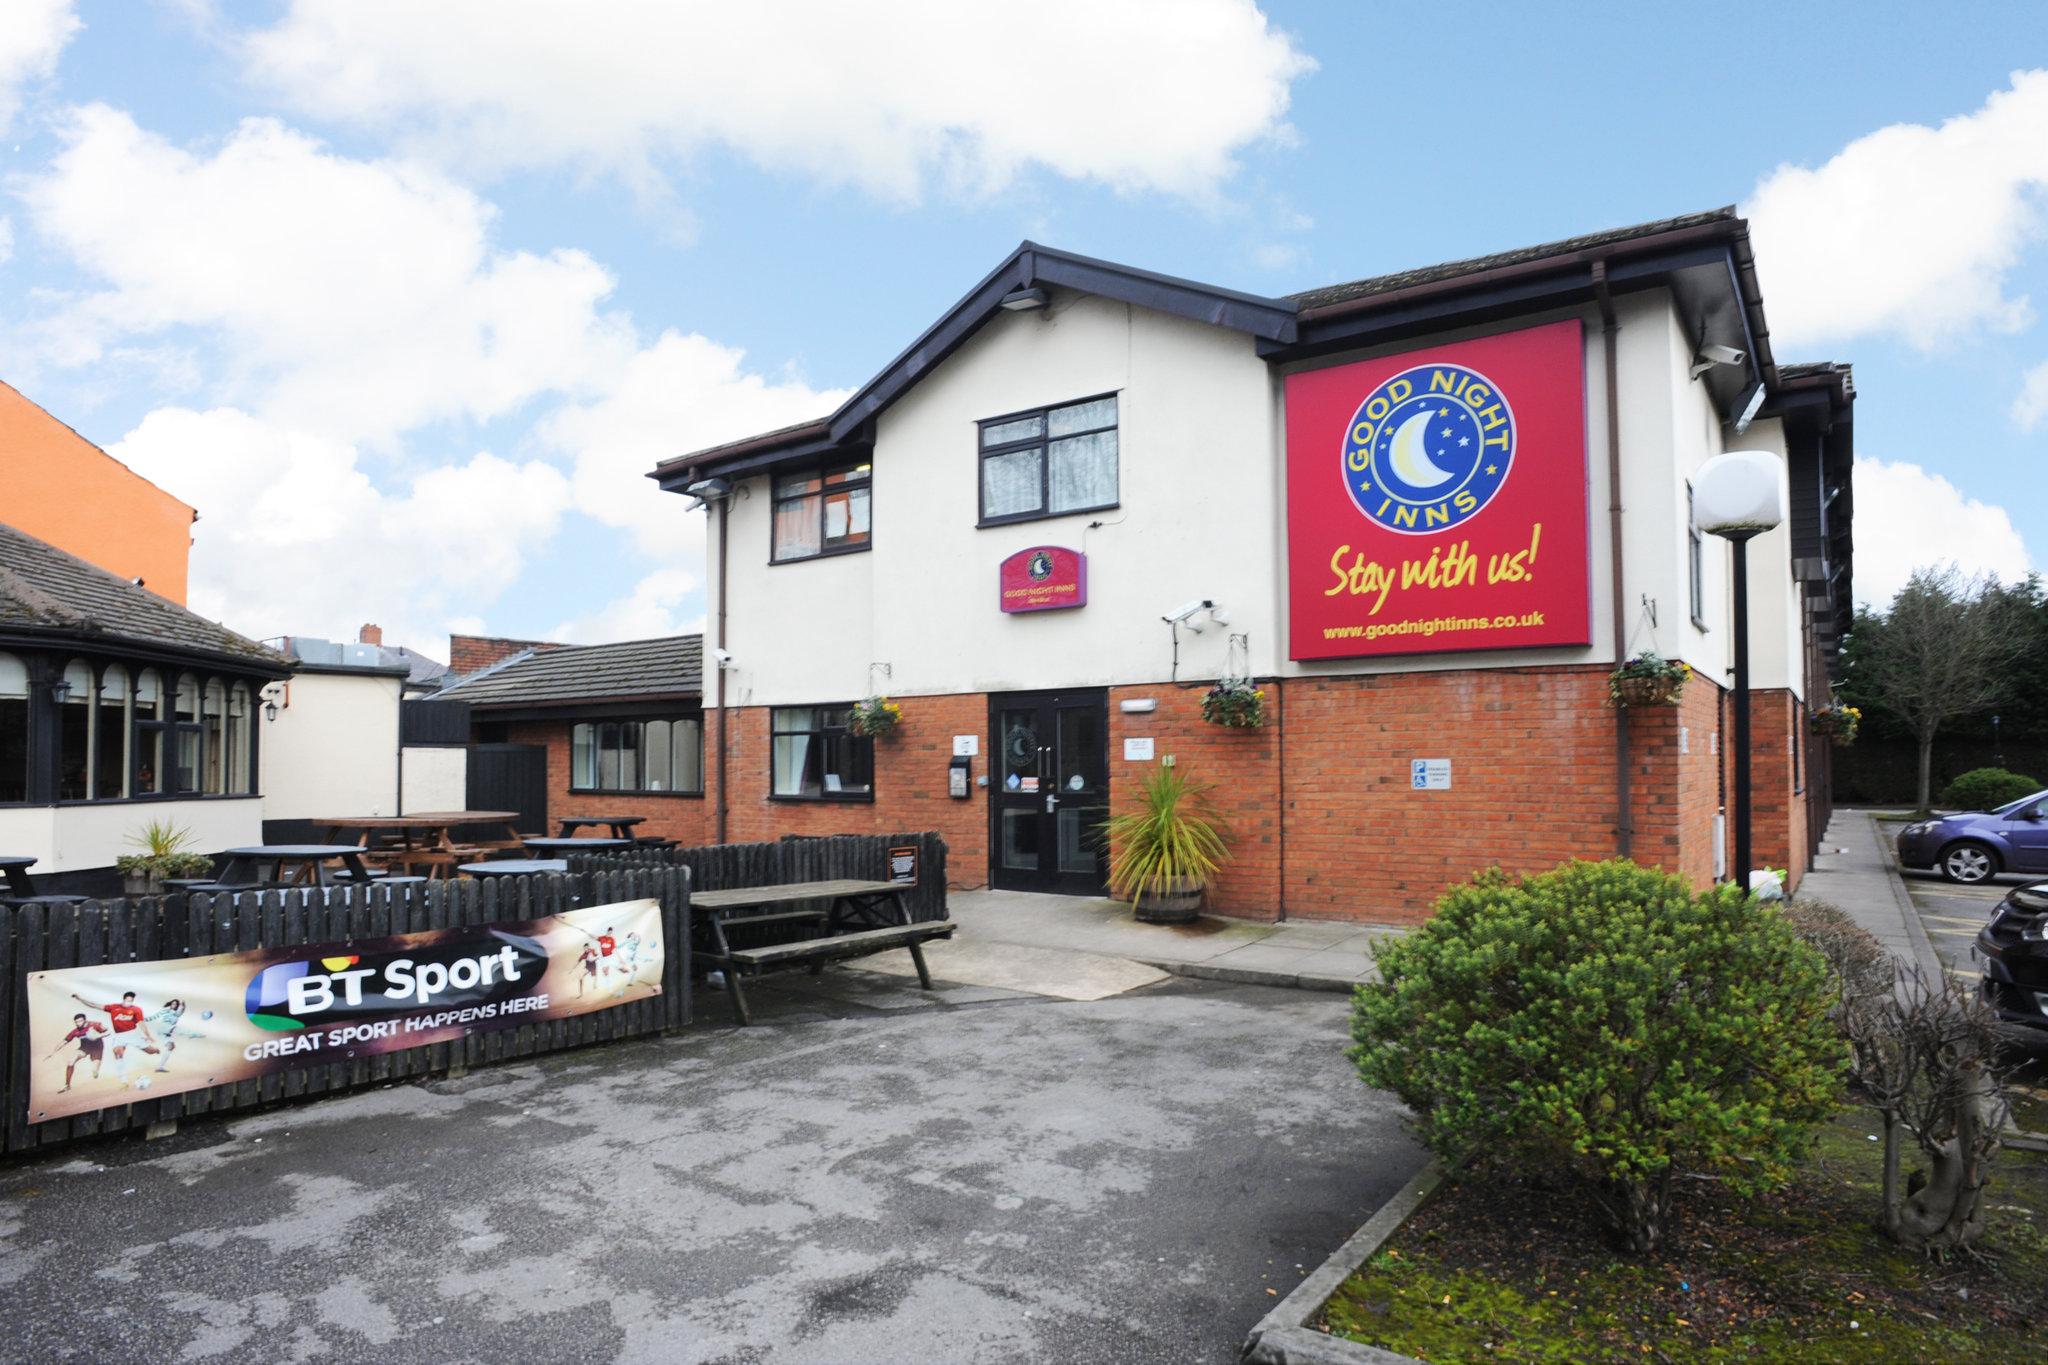 Bay Horse Hotel (Wigan)